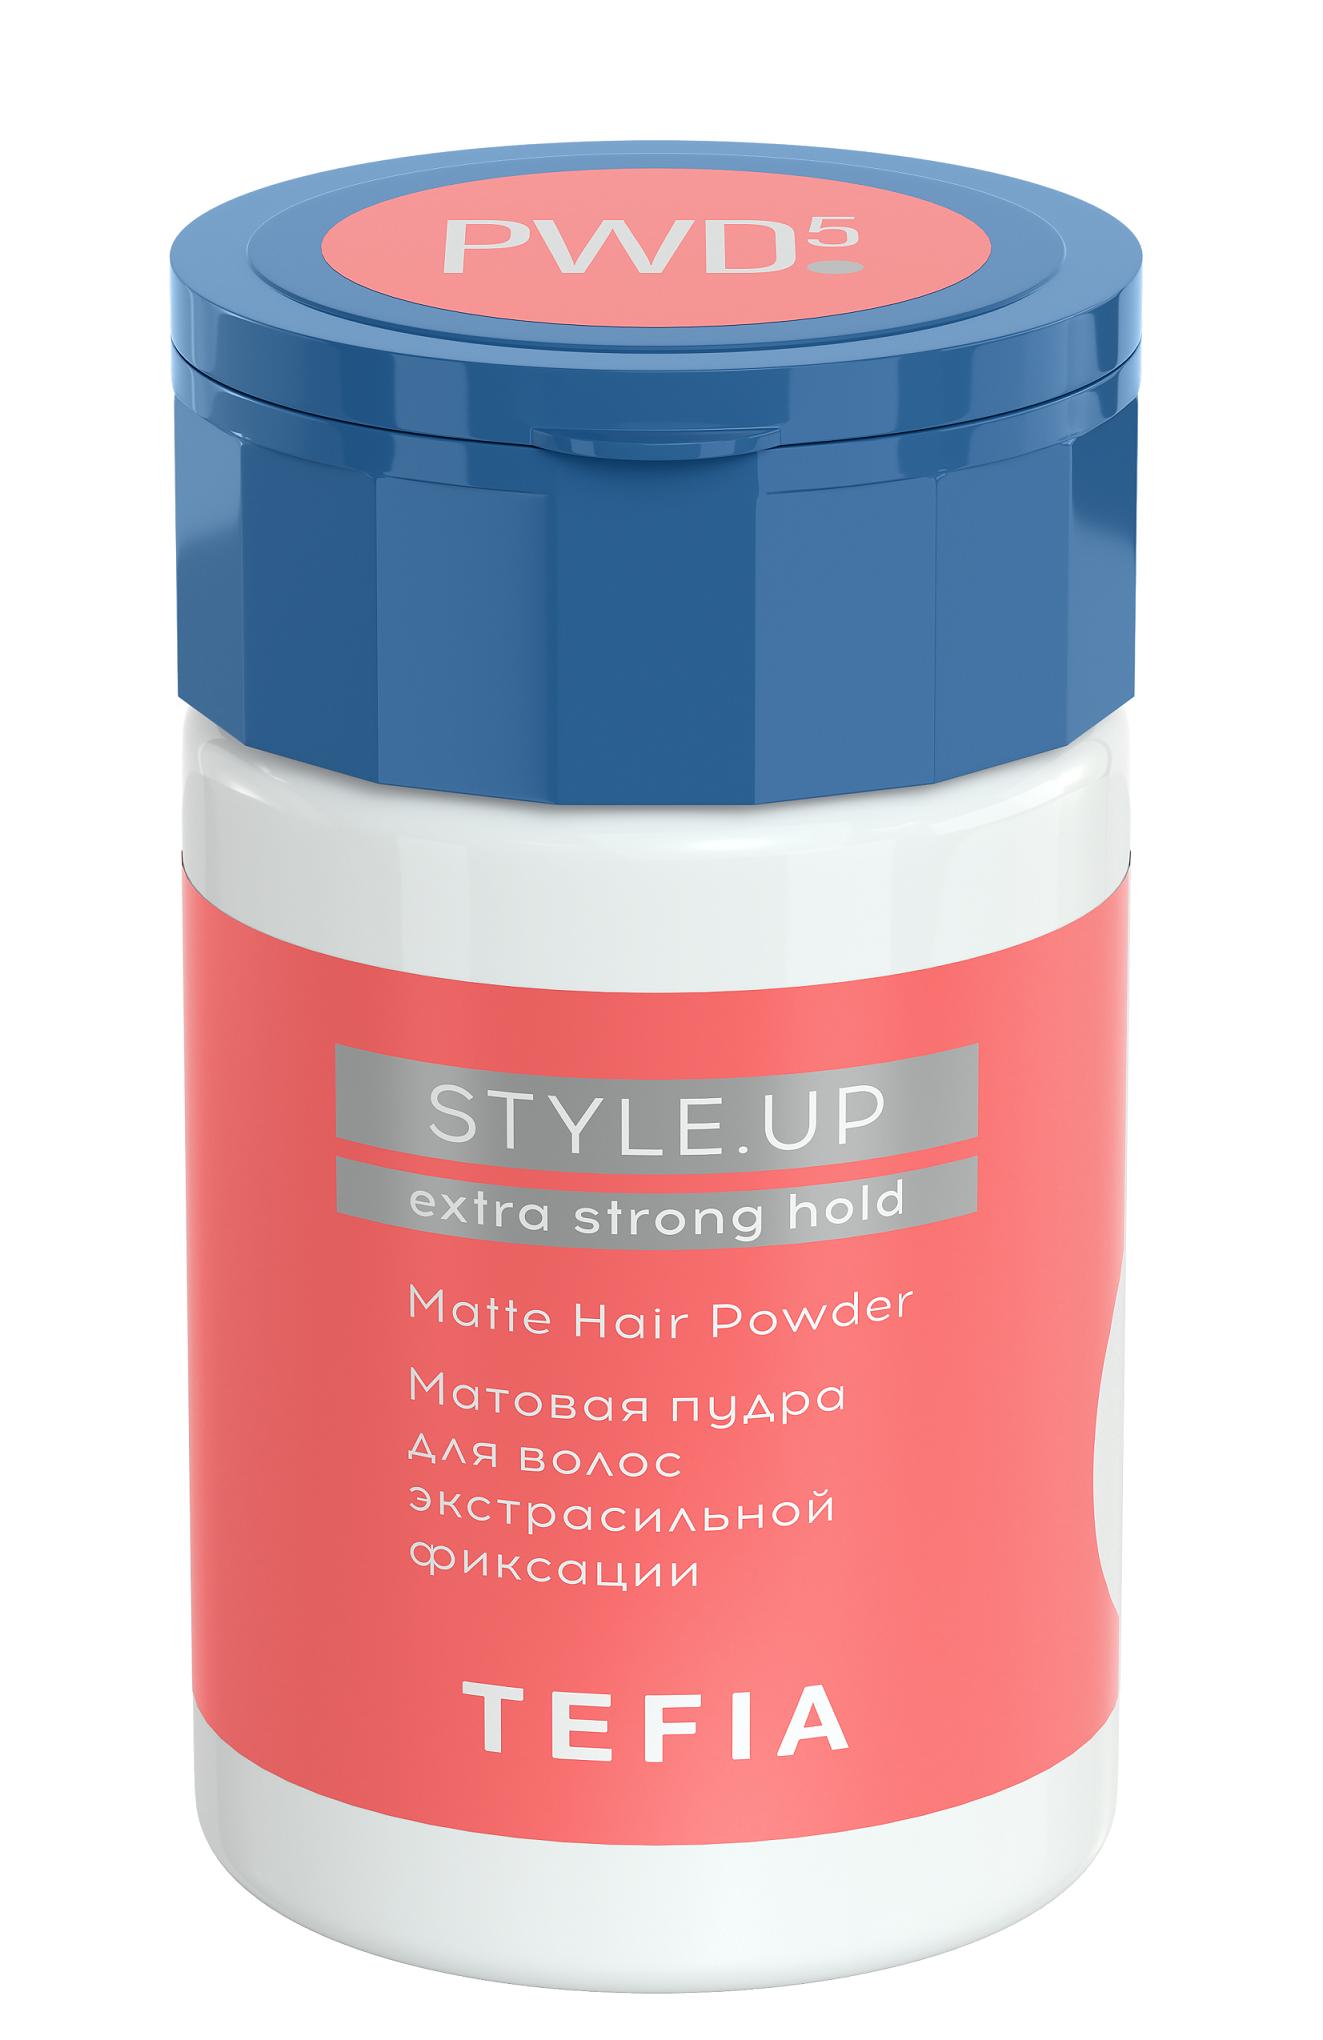 TEFIA Пудра матовая для волос экстрасильной фиксации / STYLE.UP 10 г.